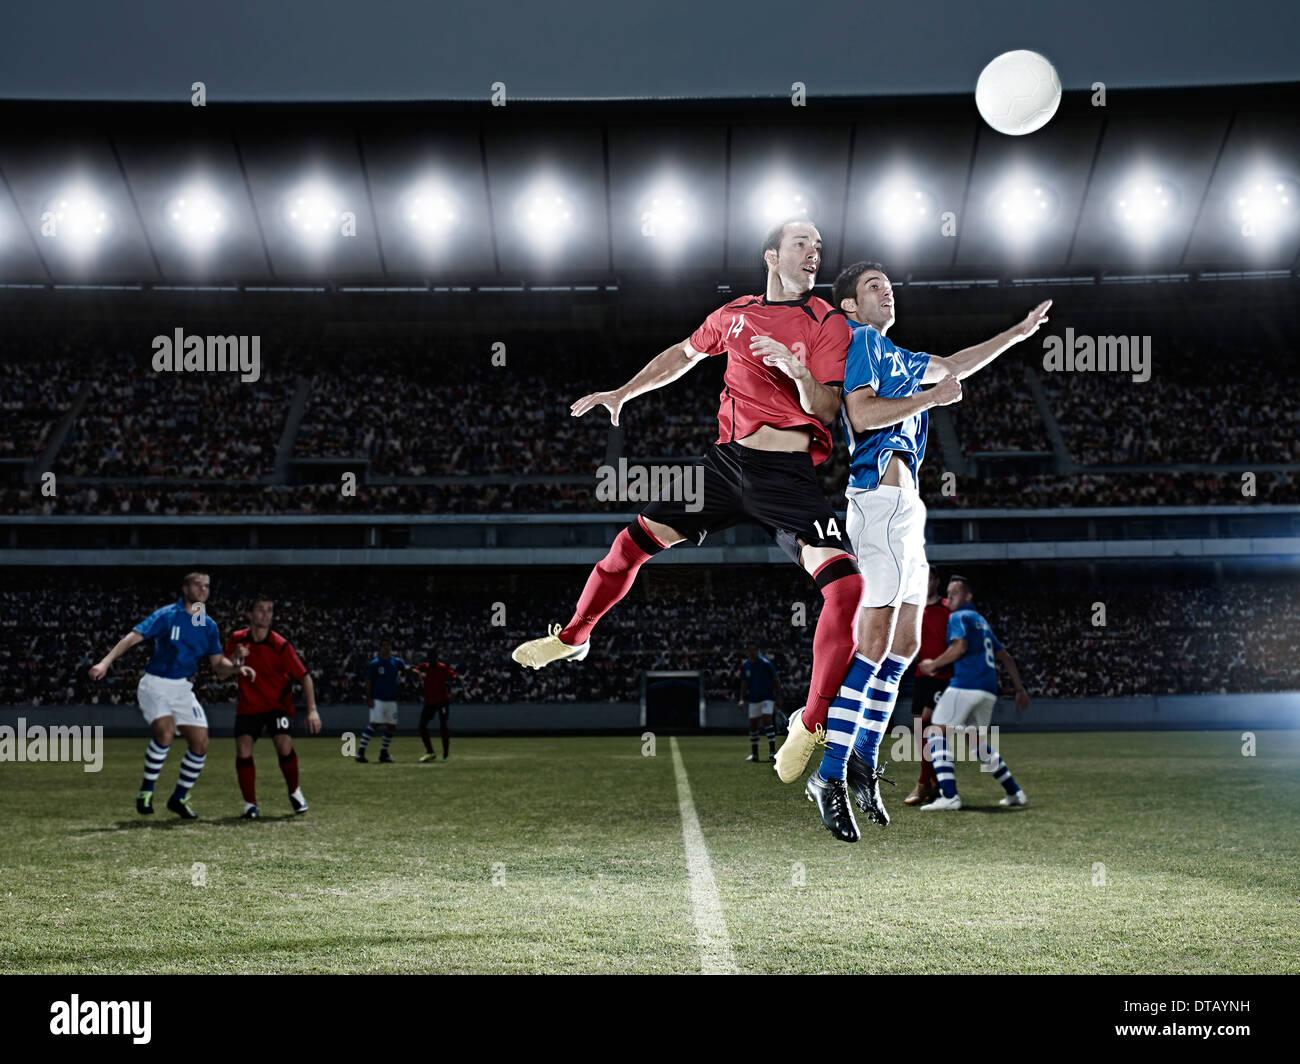 Brincar de jugadores de fútbol en el campo de bolas Imagen De Stock